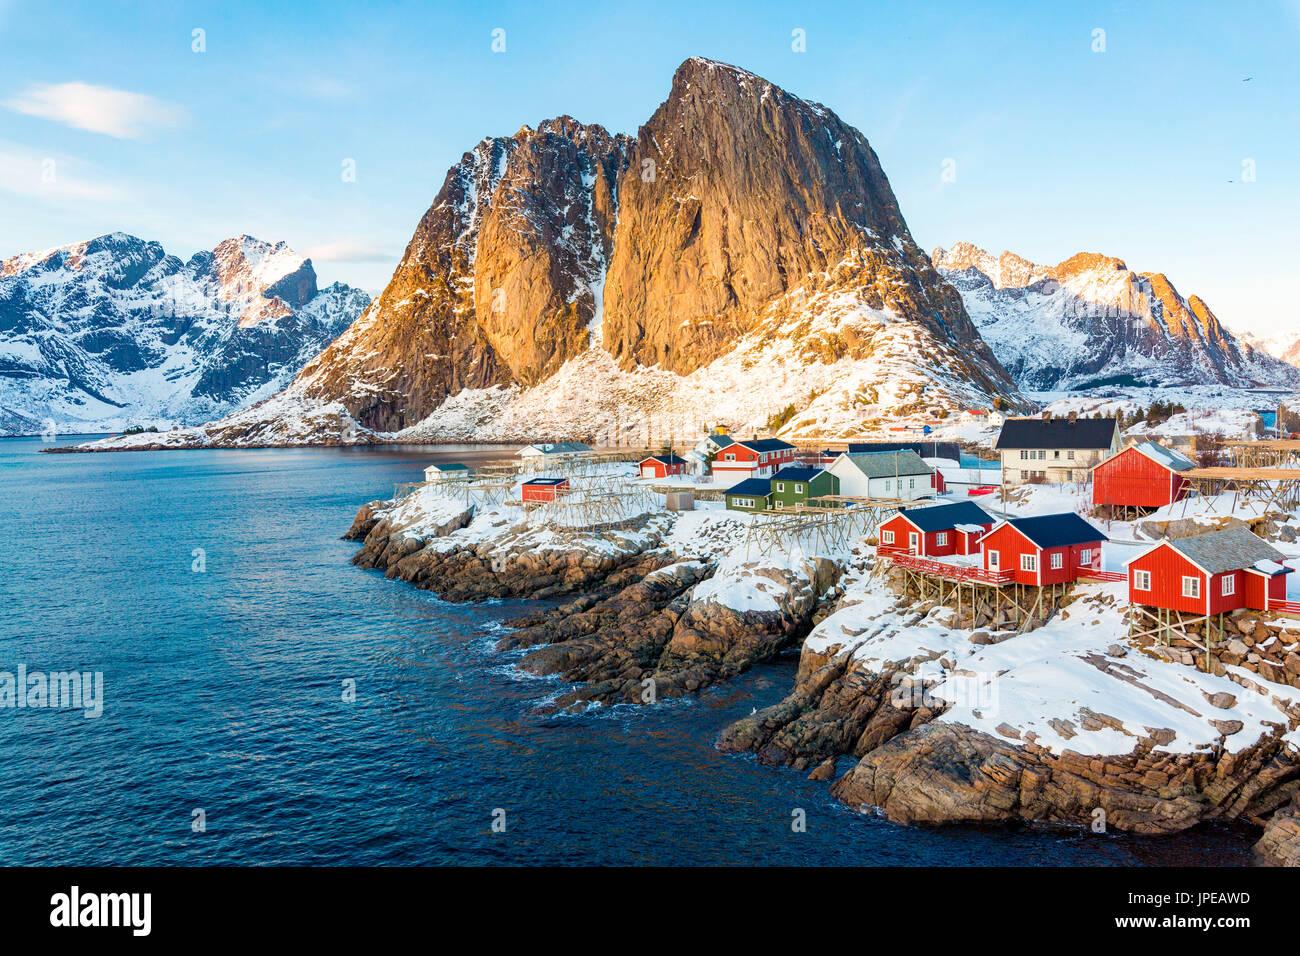 Hamnoy, isole Lofoten in Norvegia. inverno vista in una giornata di sole Immagini Stock